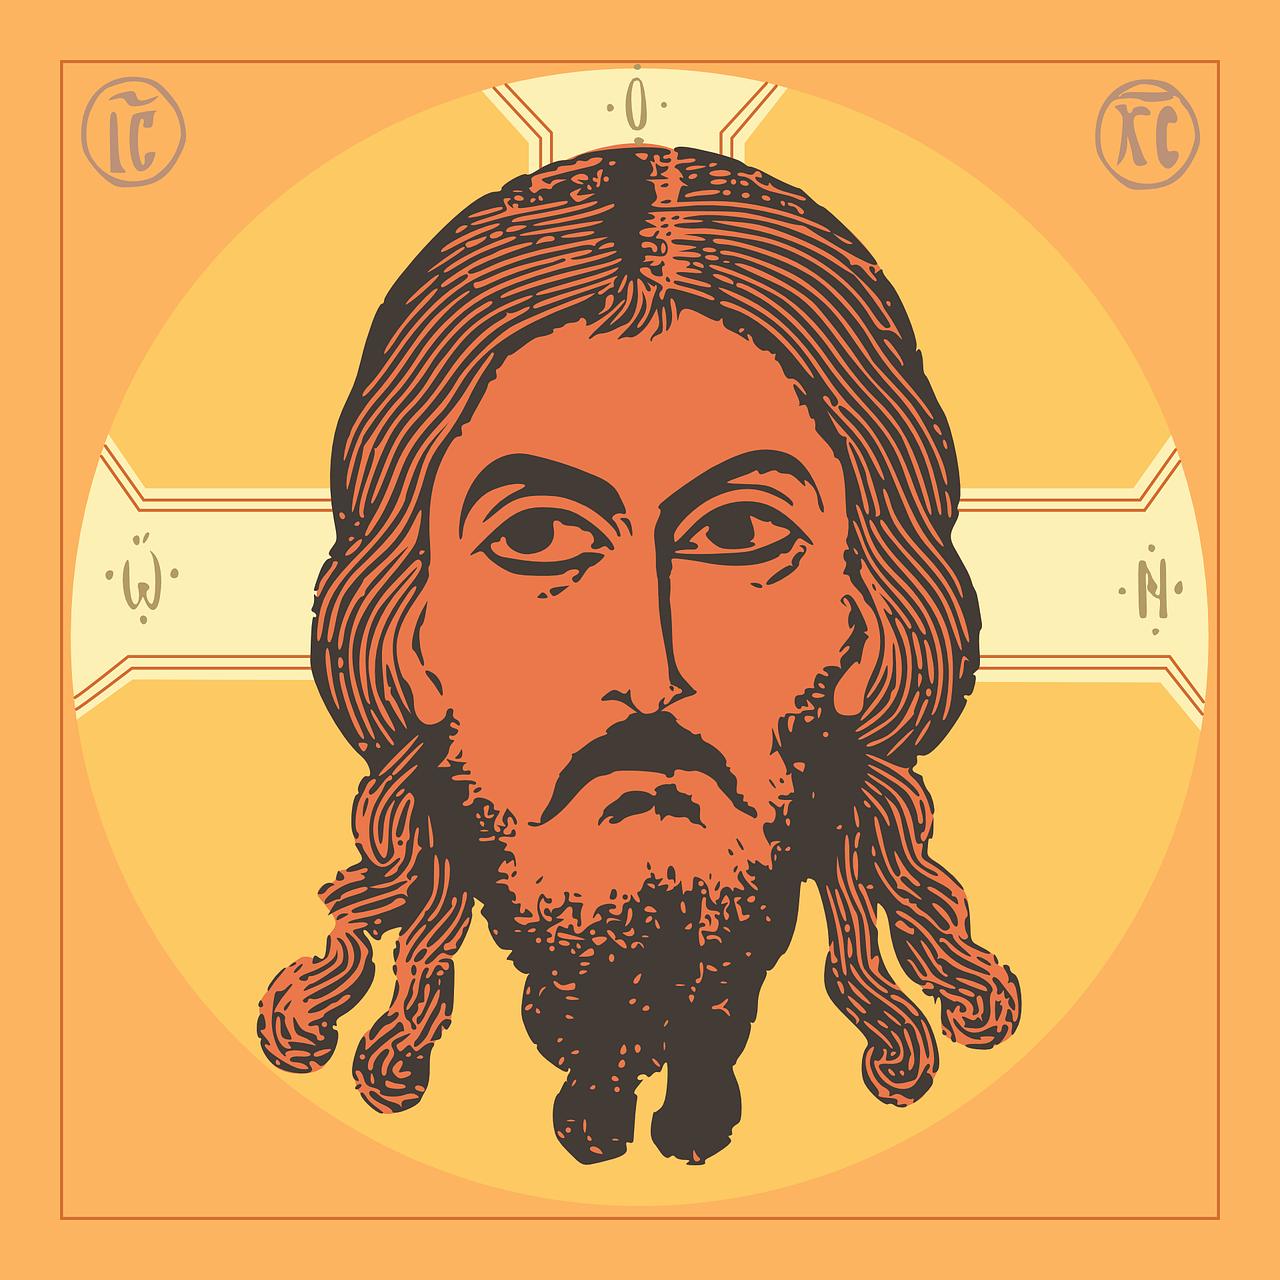 интервью журналу иисус христос векторные картинки переводе